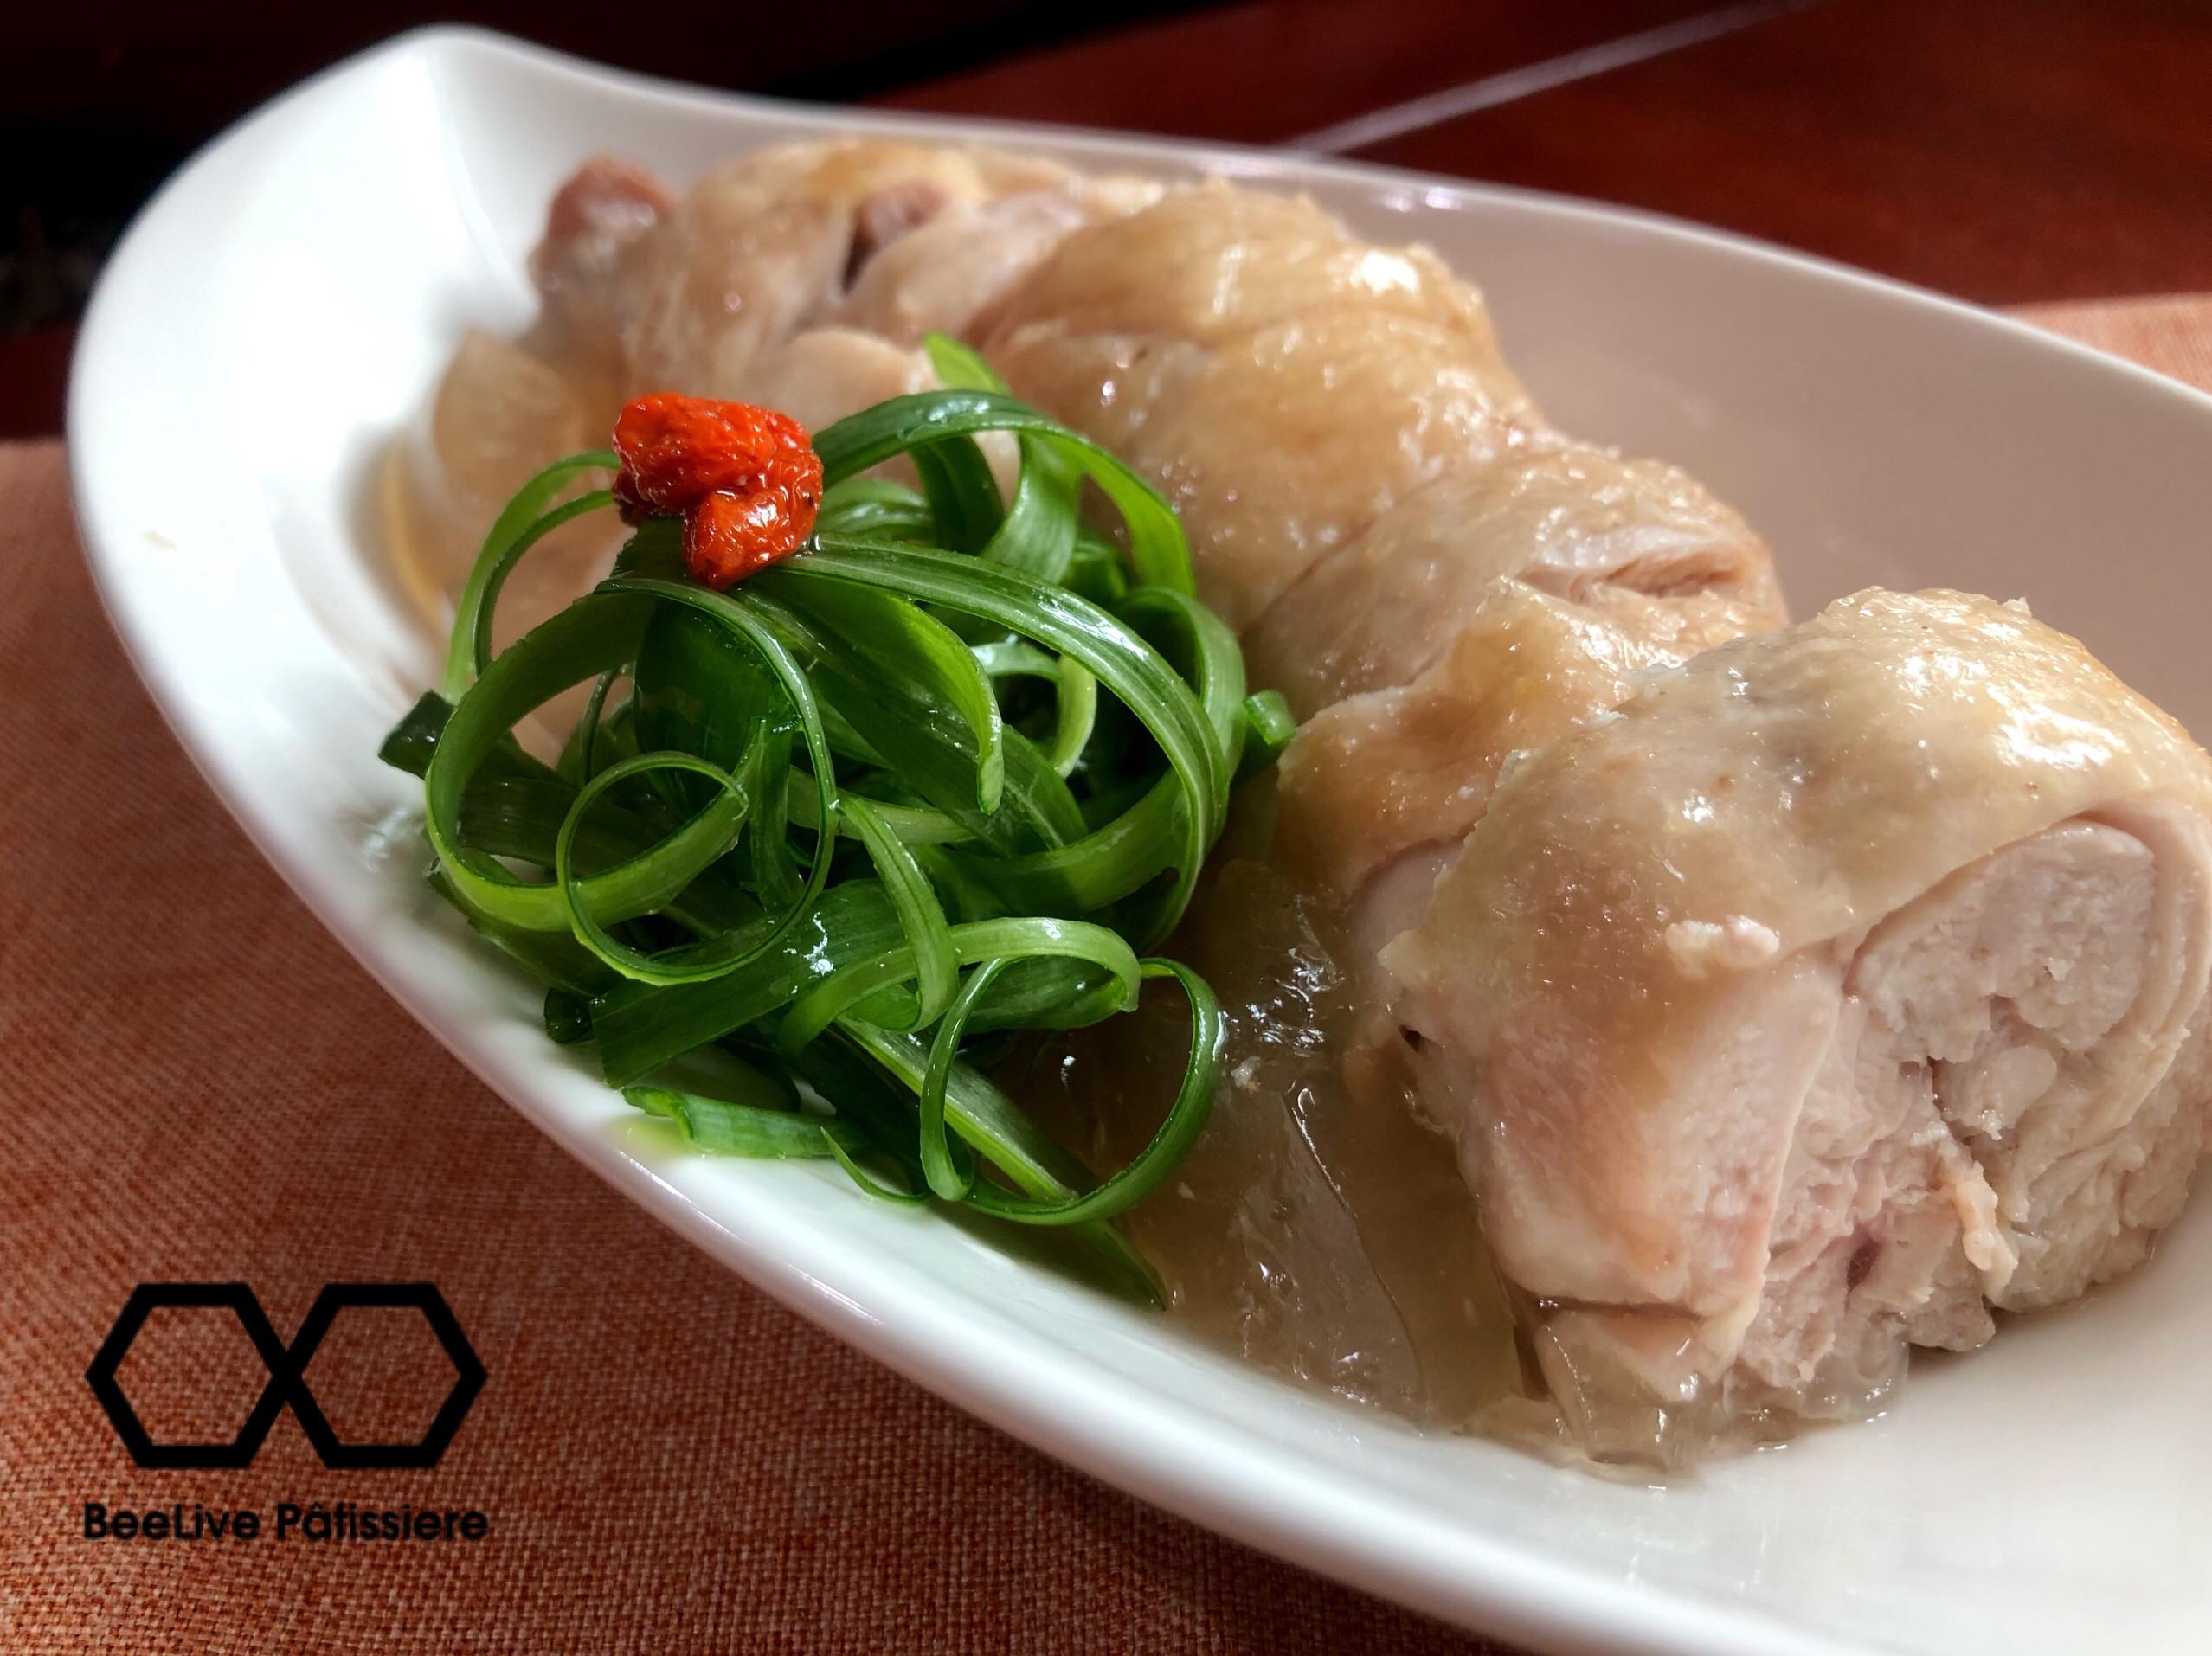 水晶雞腿凍卷《電鍋料理》